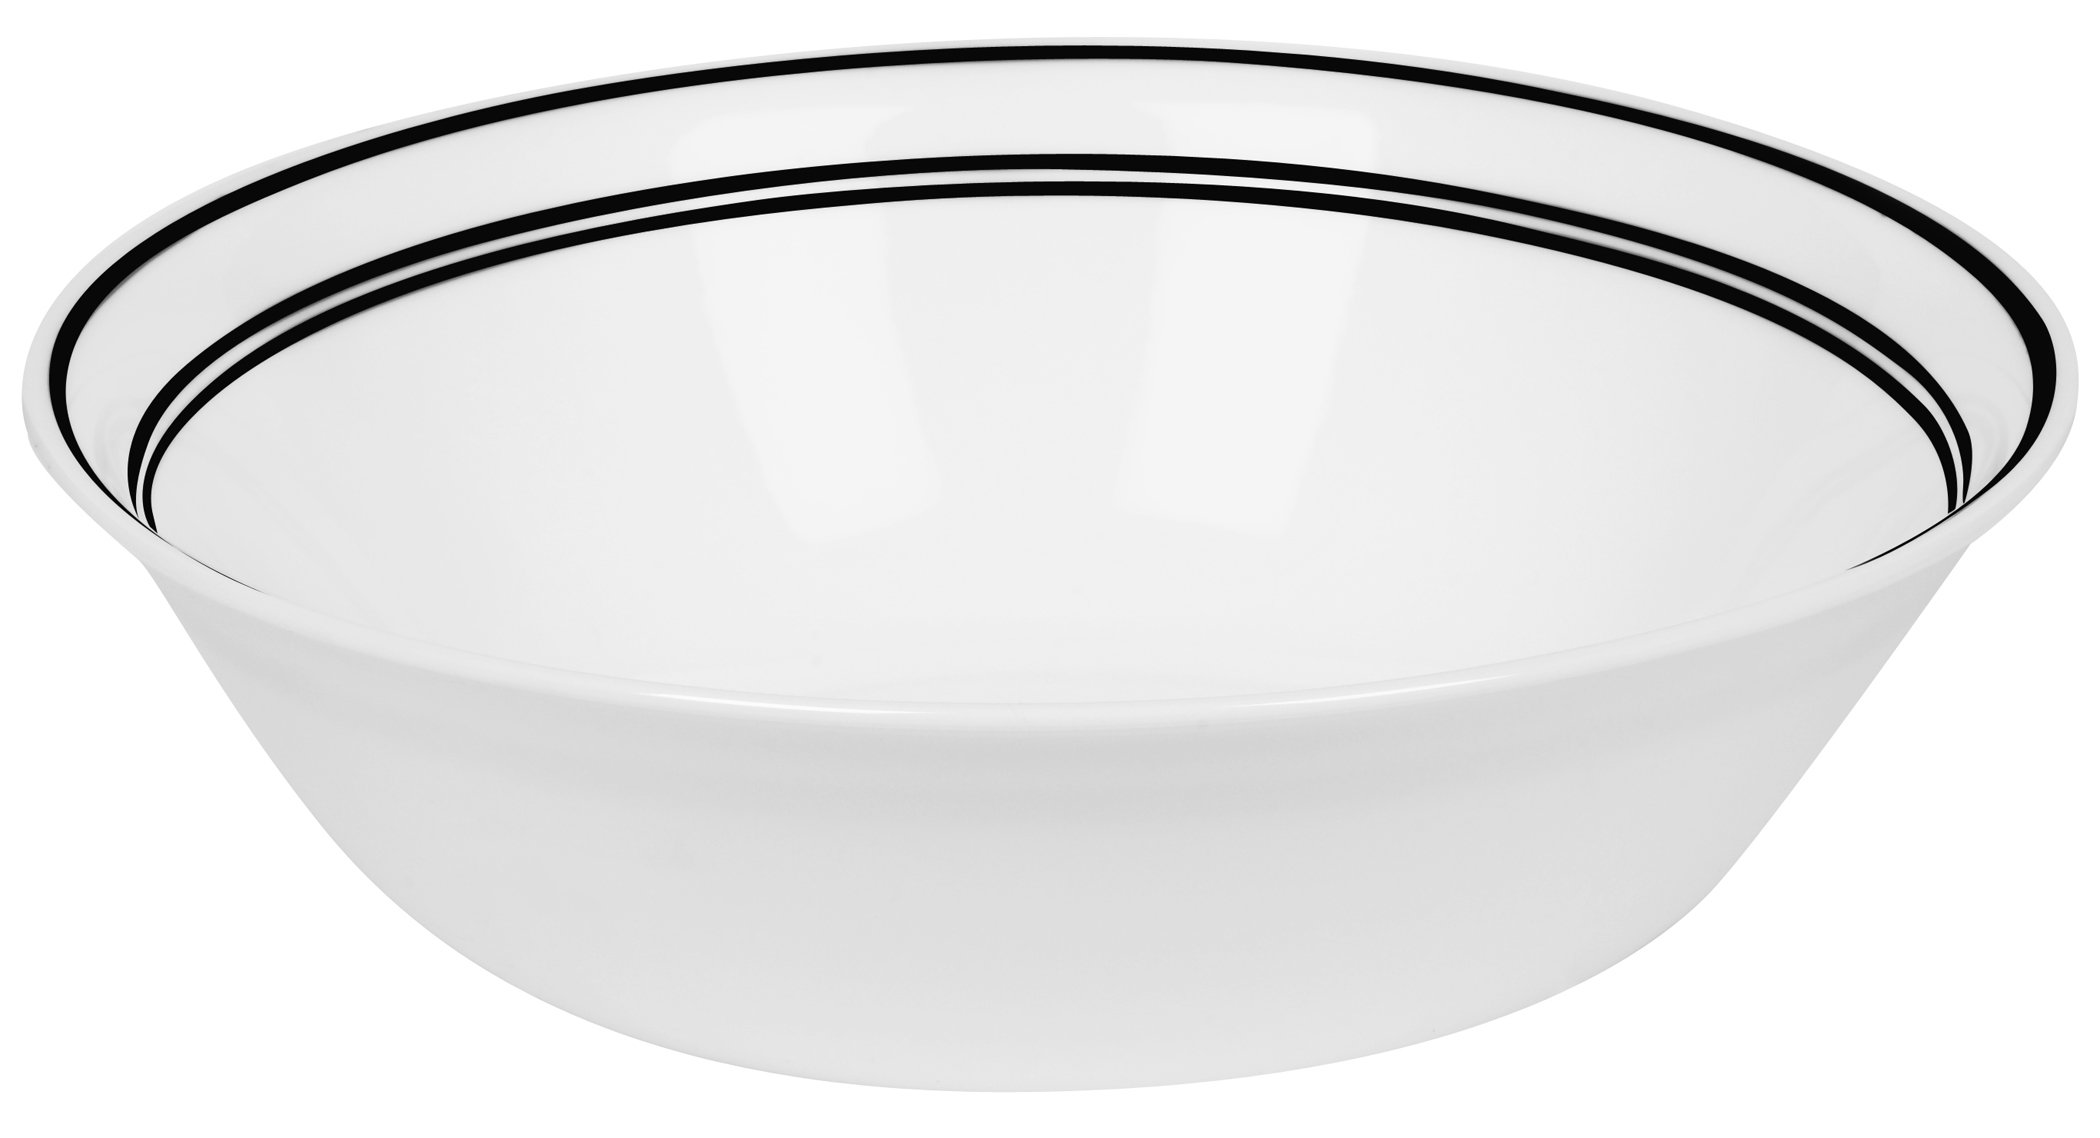 Corelle Classic Café Black 1-Quart Bowl